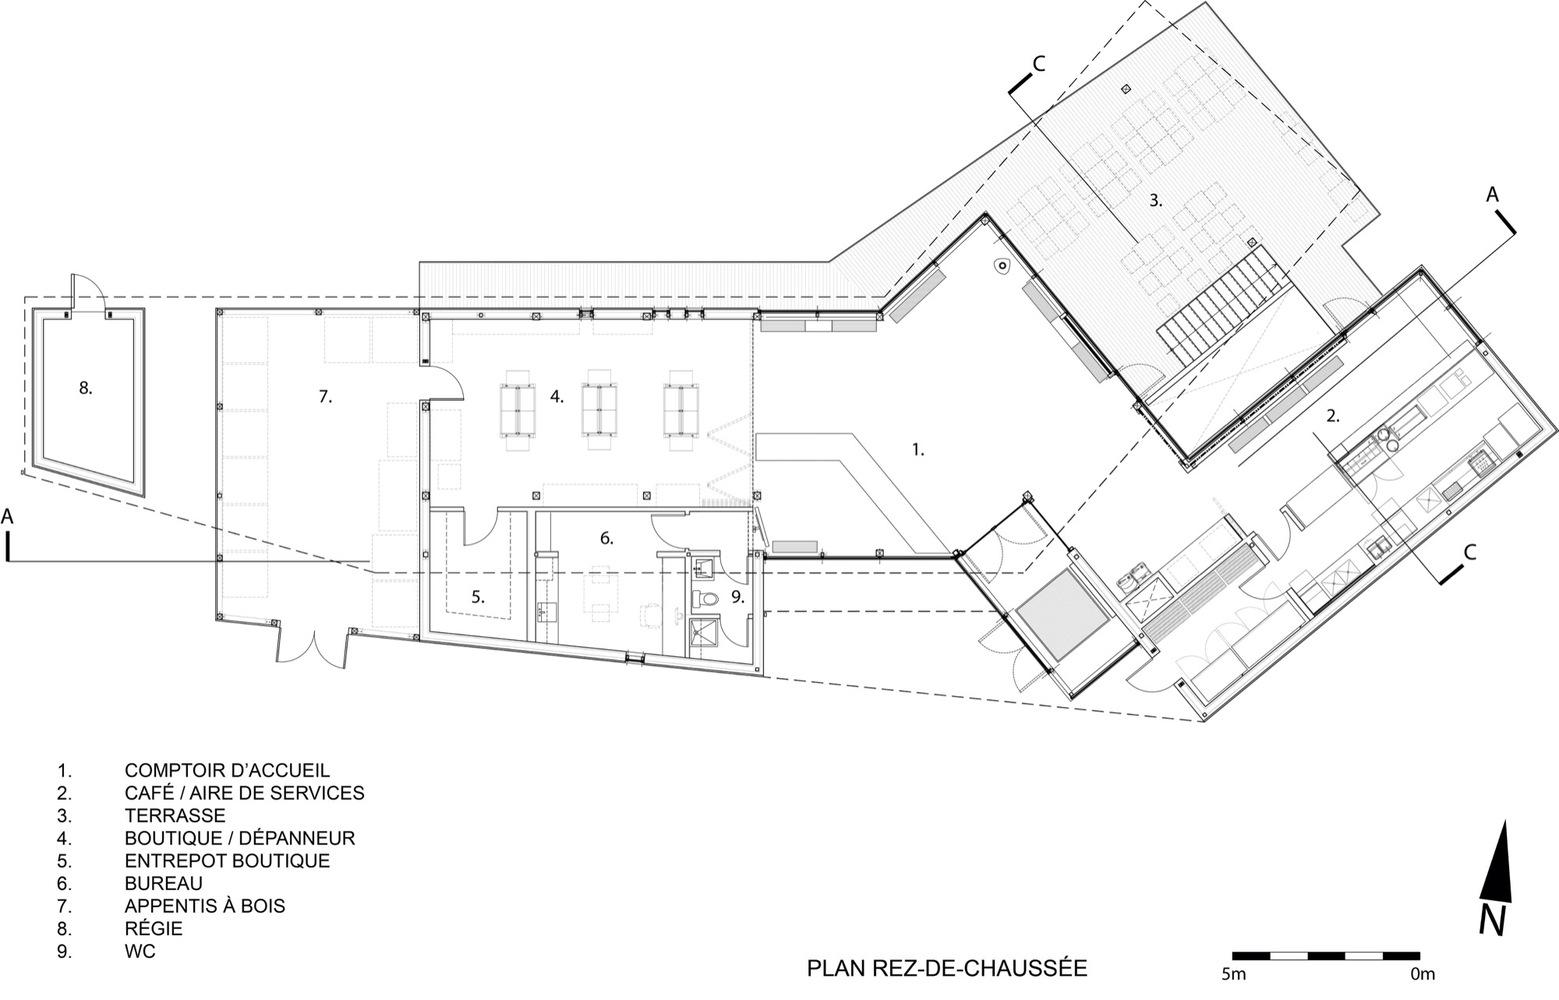 1559x1000 Gallery Of Centre De Services Le Bonnallie Anne Carrier